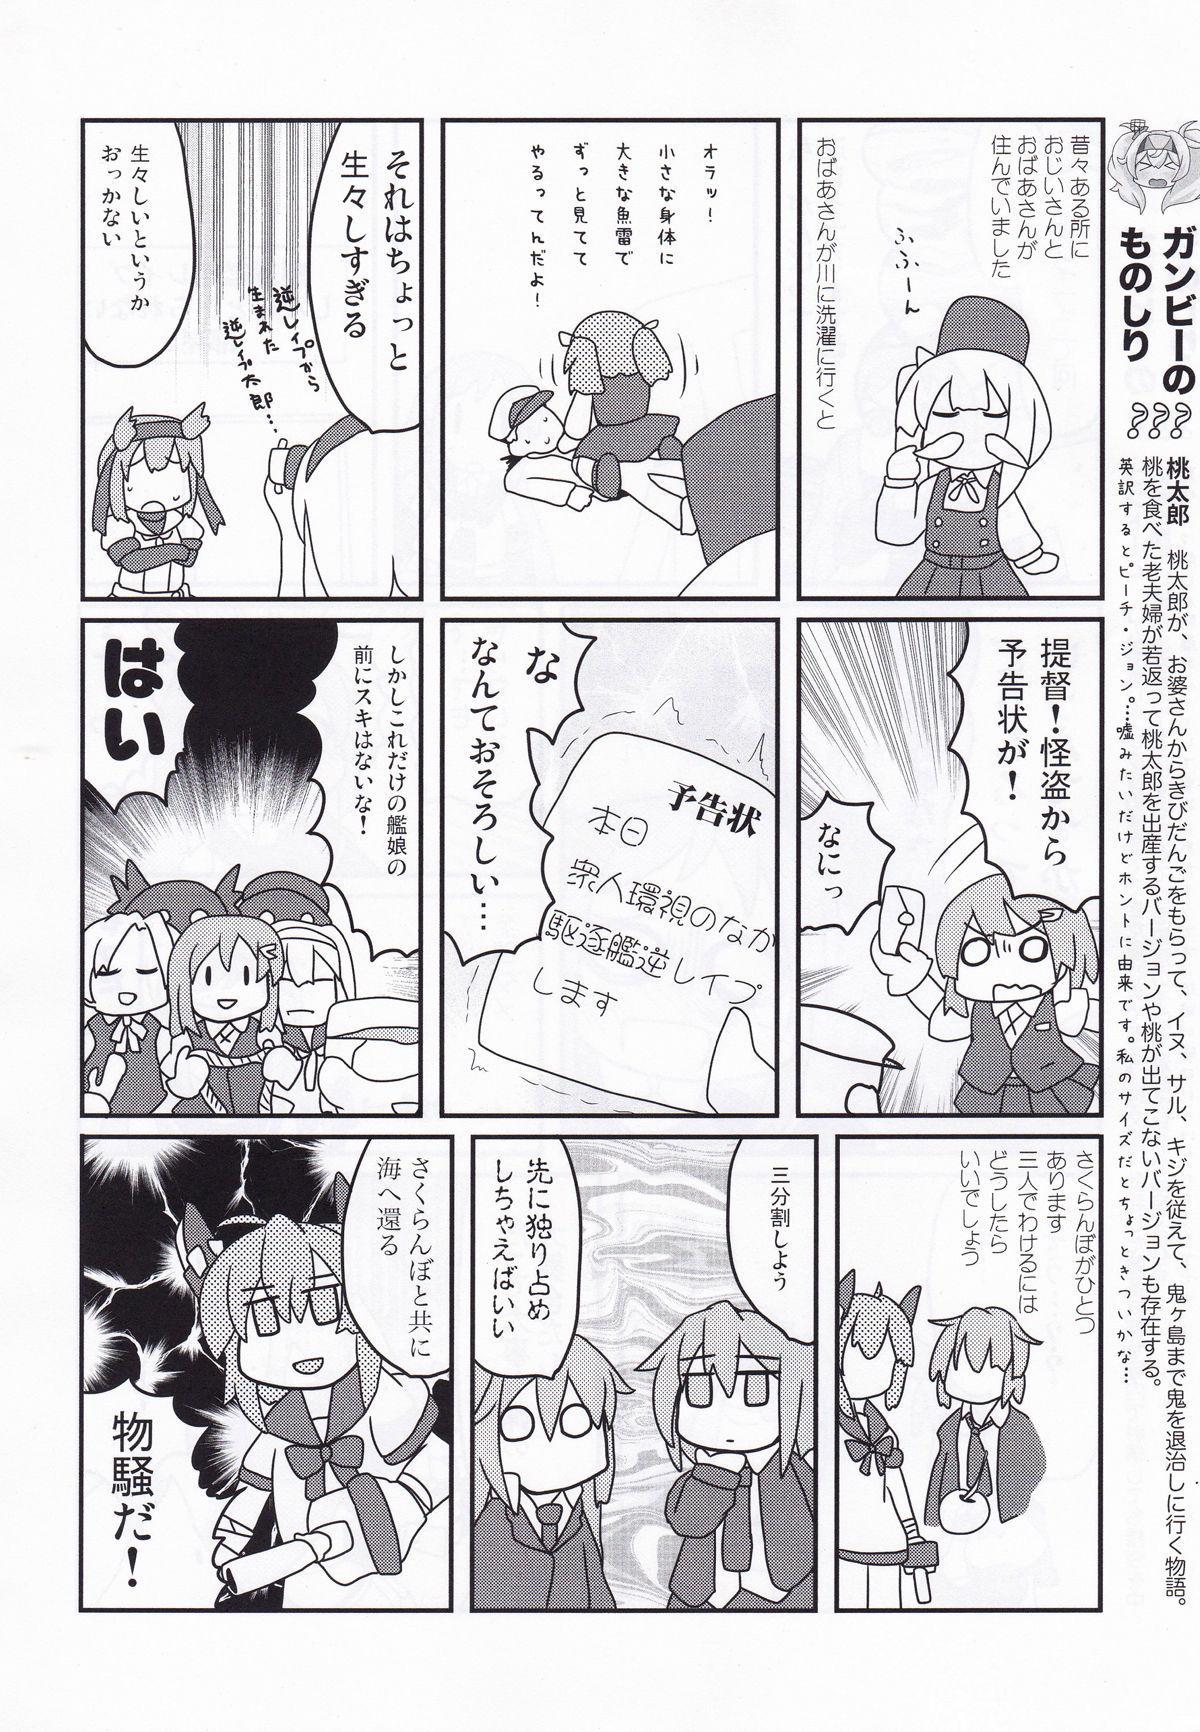 Kuchikukan Gyaku Rape Goudou 3 Ruihan 94